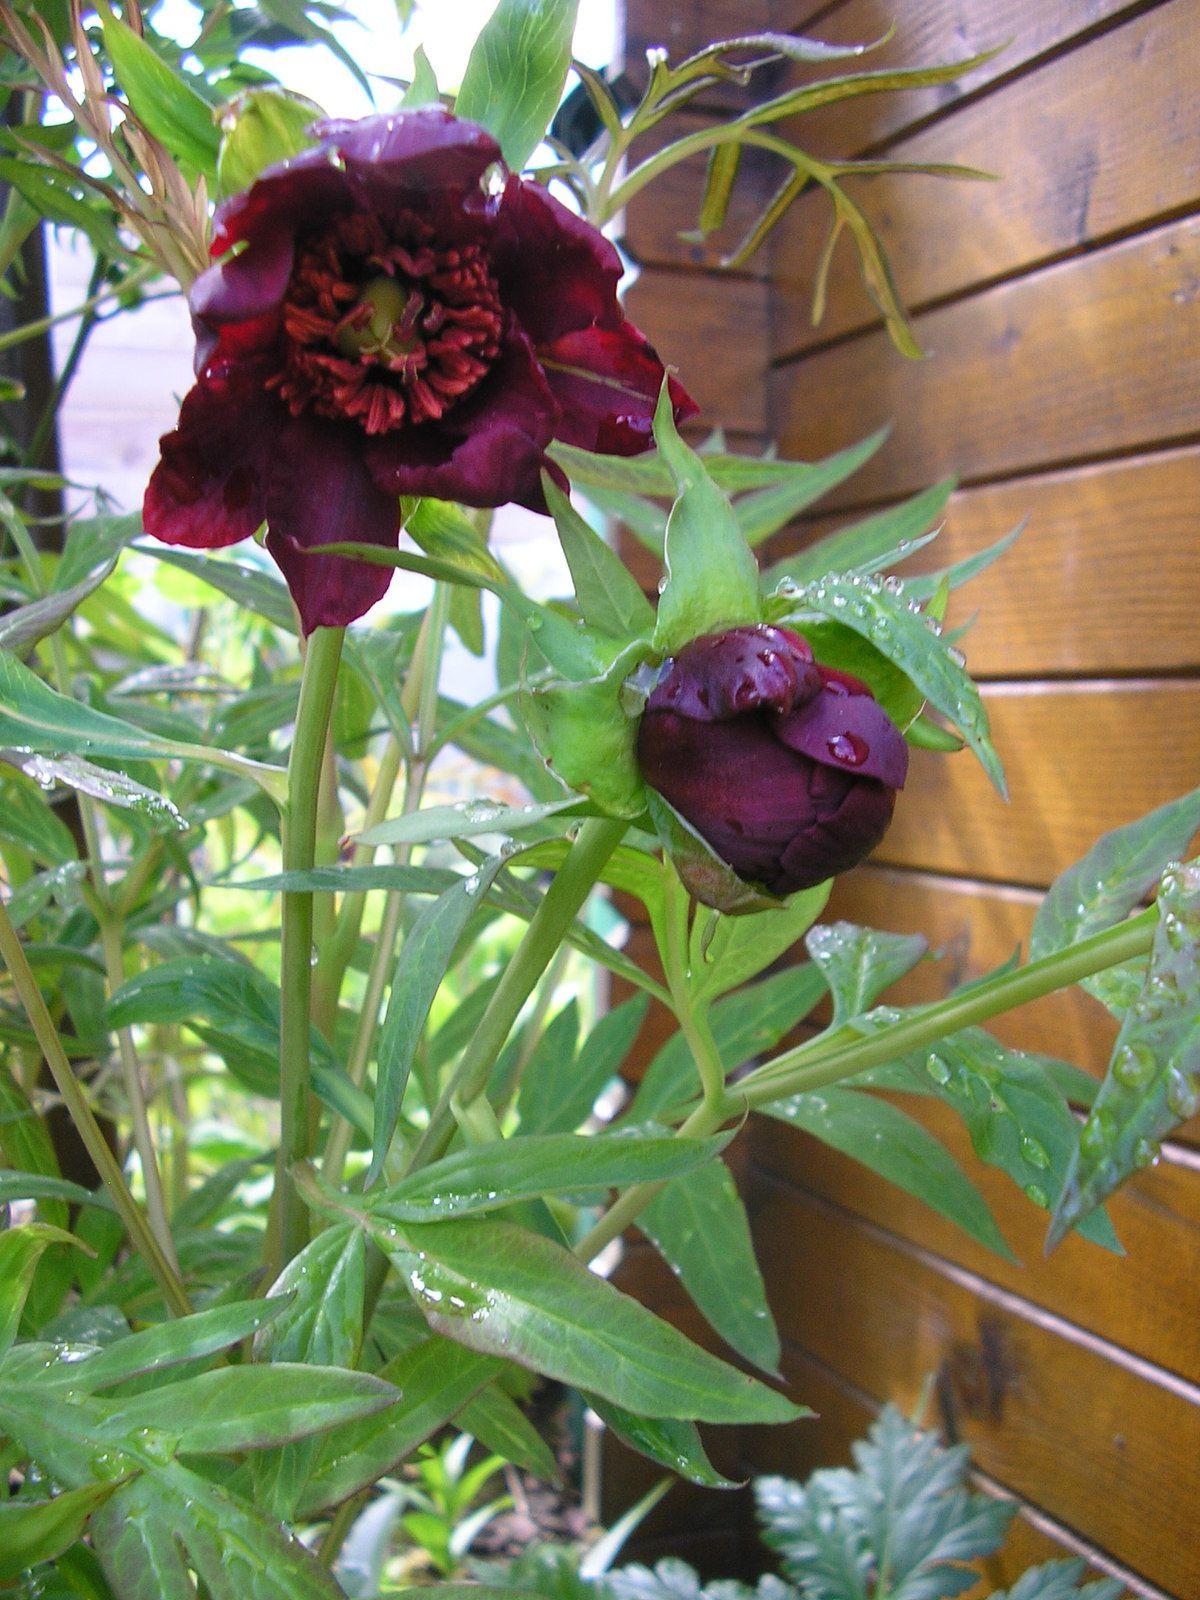 Dans le jardin, la pivoine arbustive commence à fleurir.